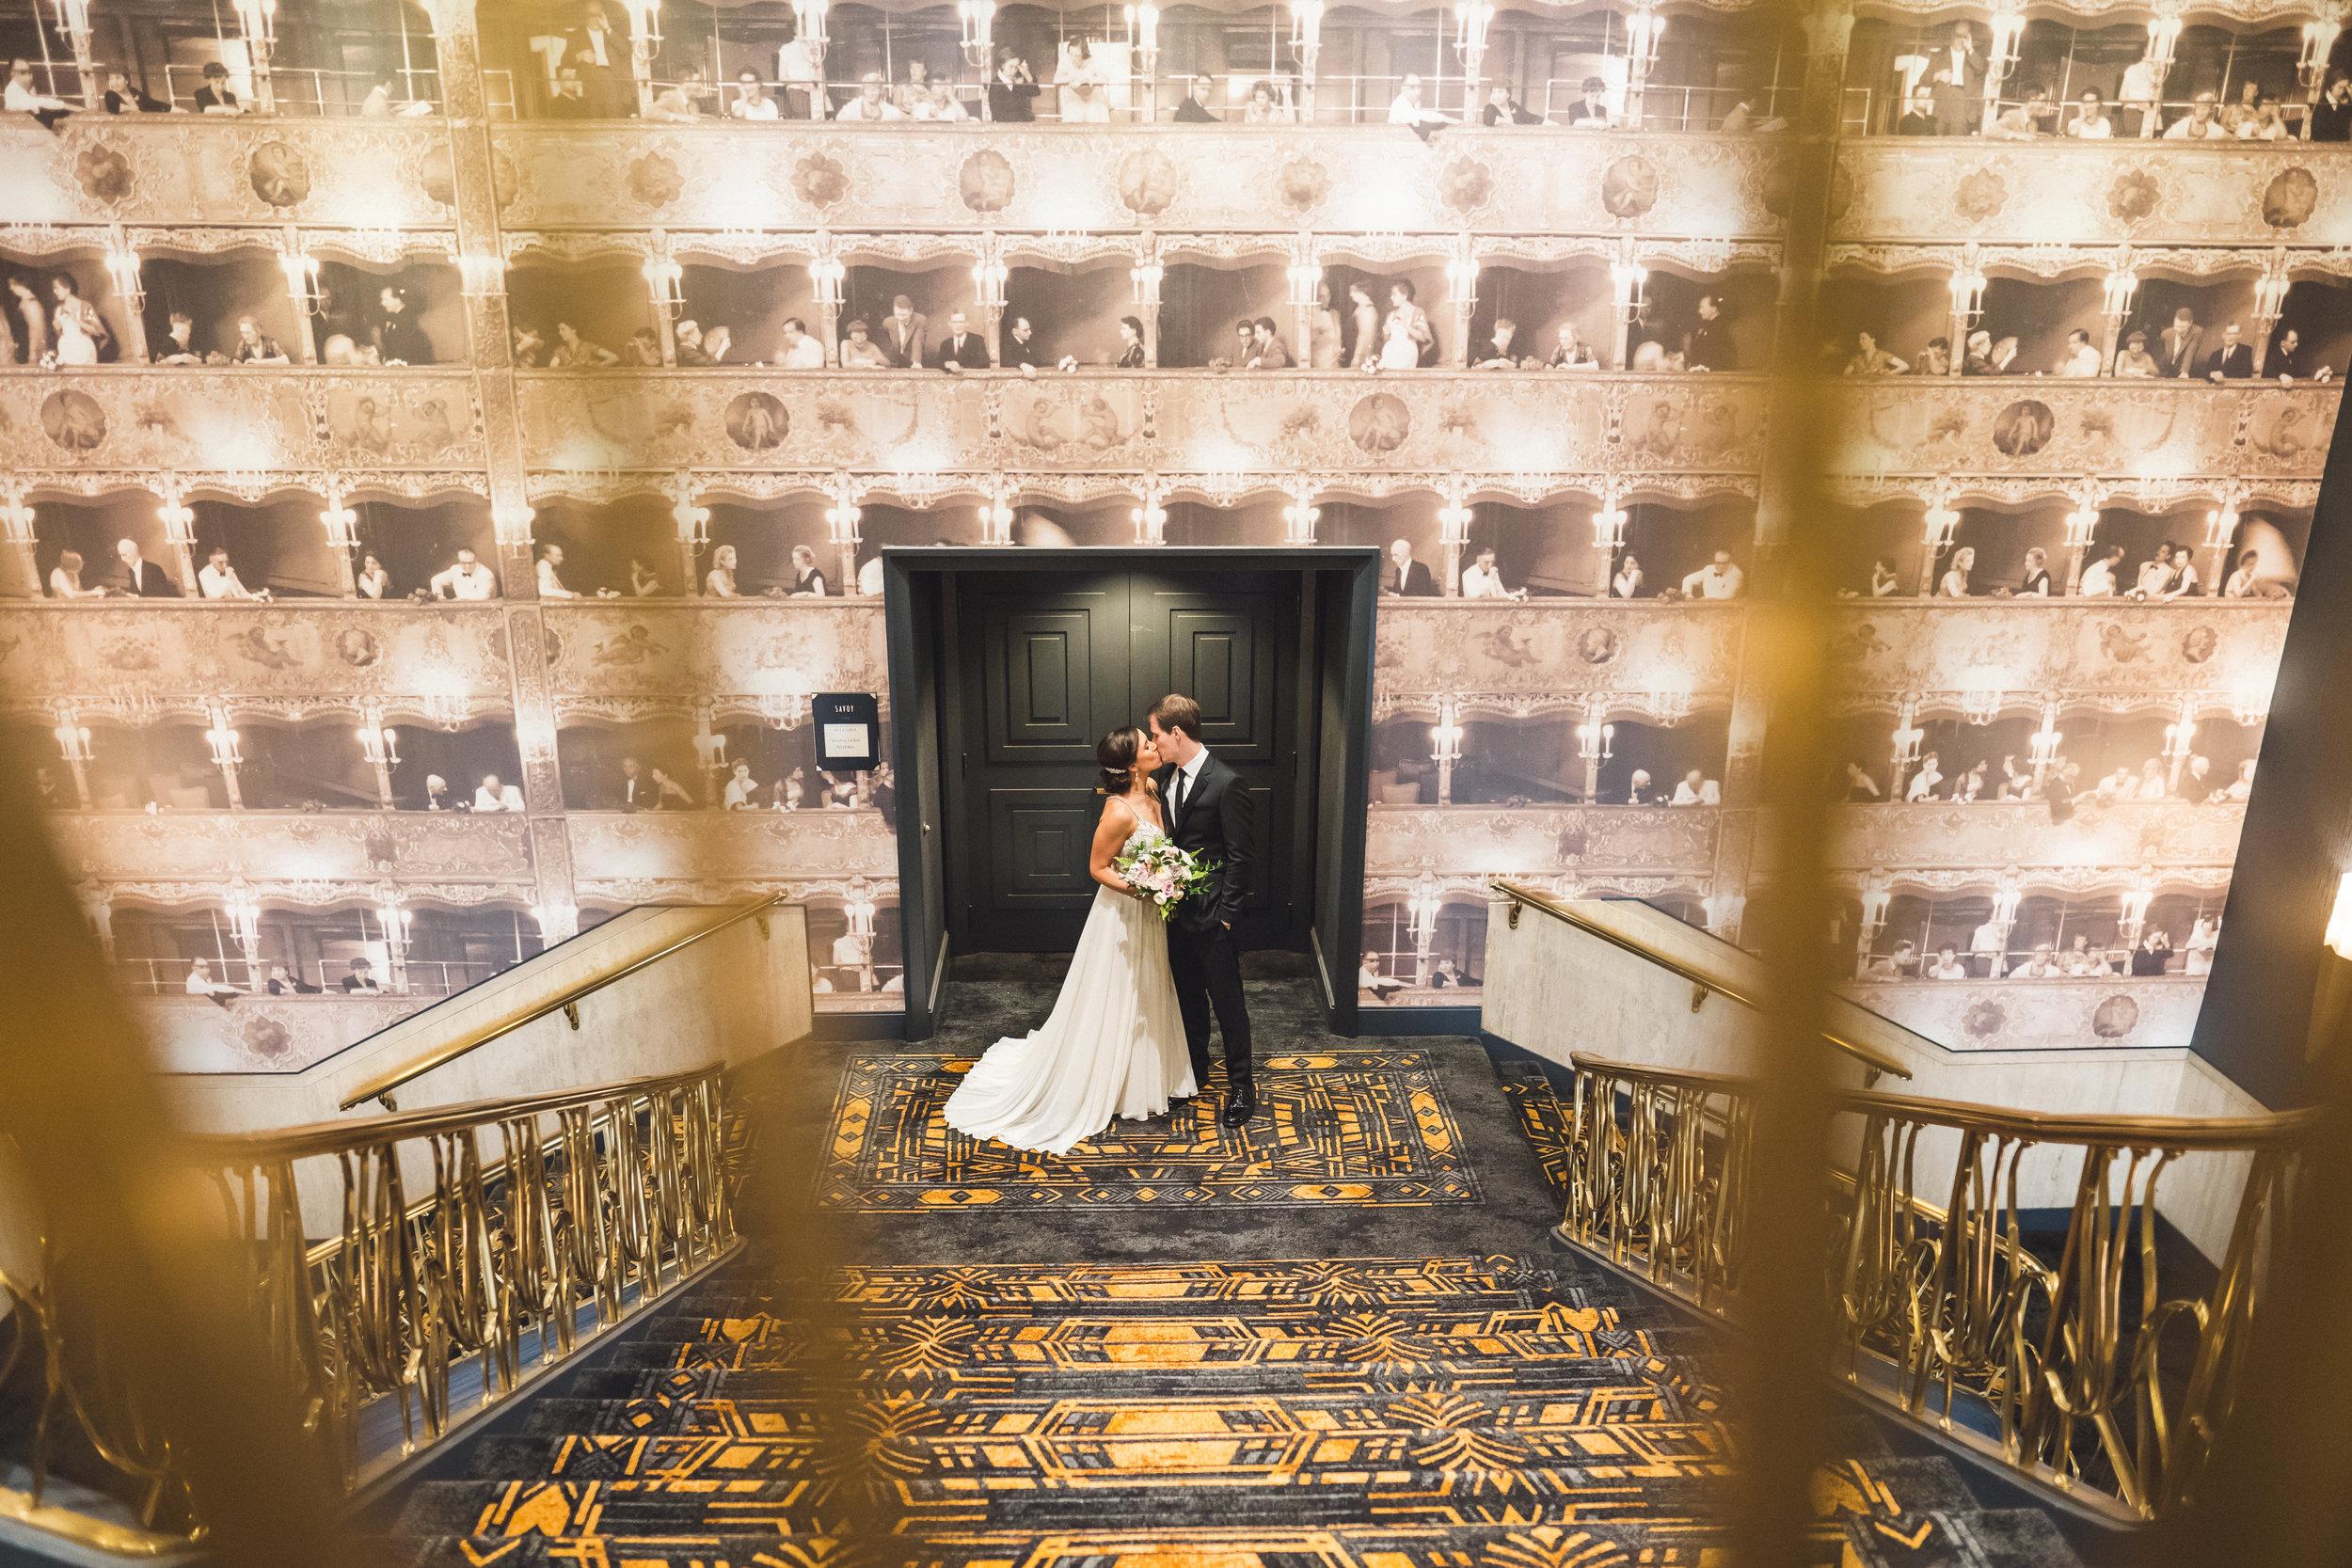 kimpton-chicago-wedding-planner-first-look